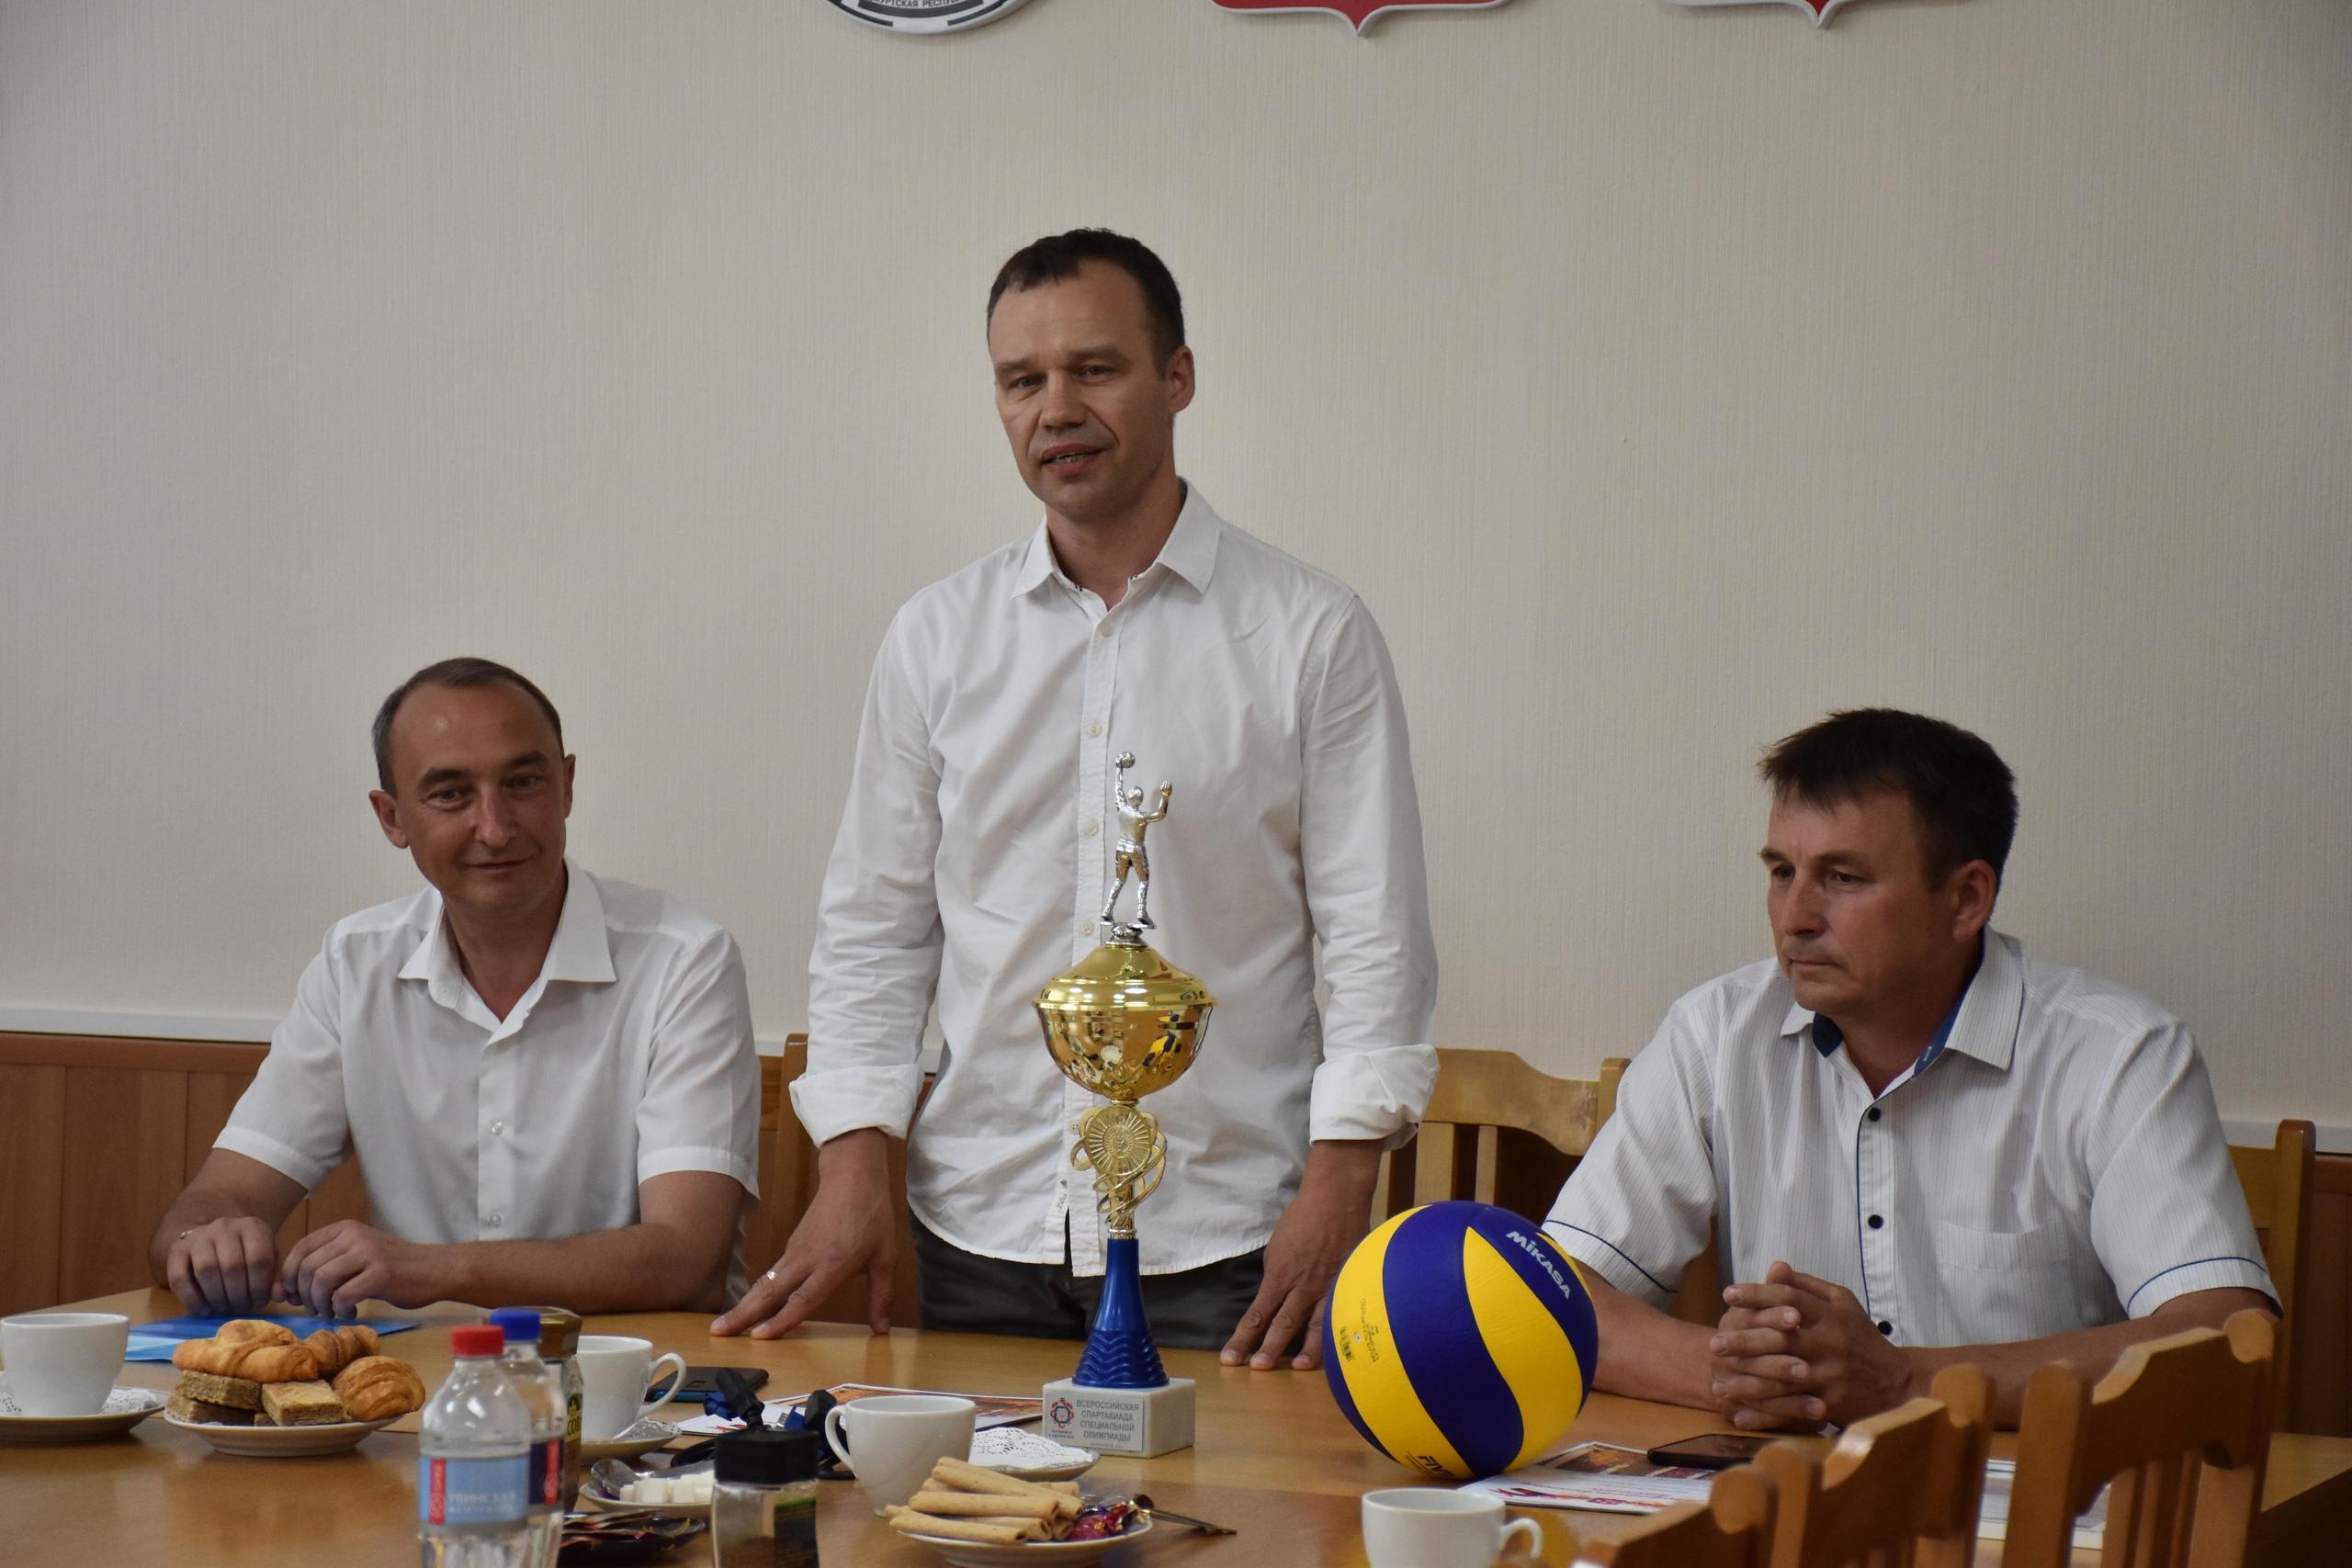 Чествование лучших спортсменов волейбола Можгинского района.